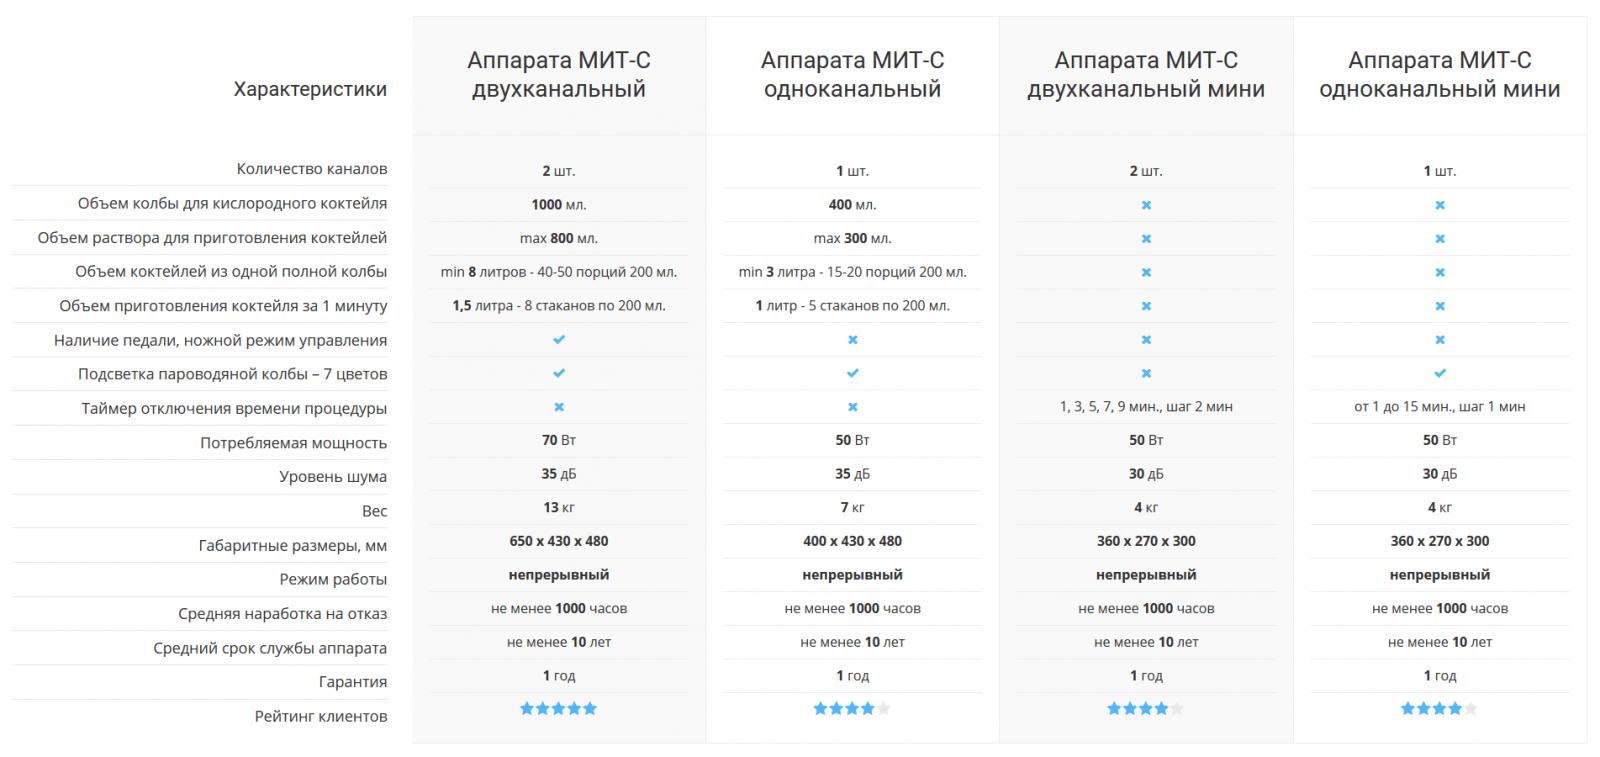 таблица сравнительные характеристики